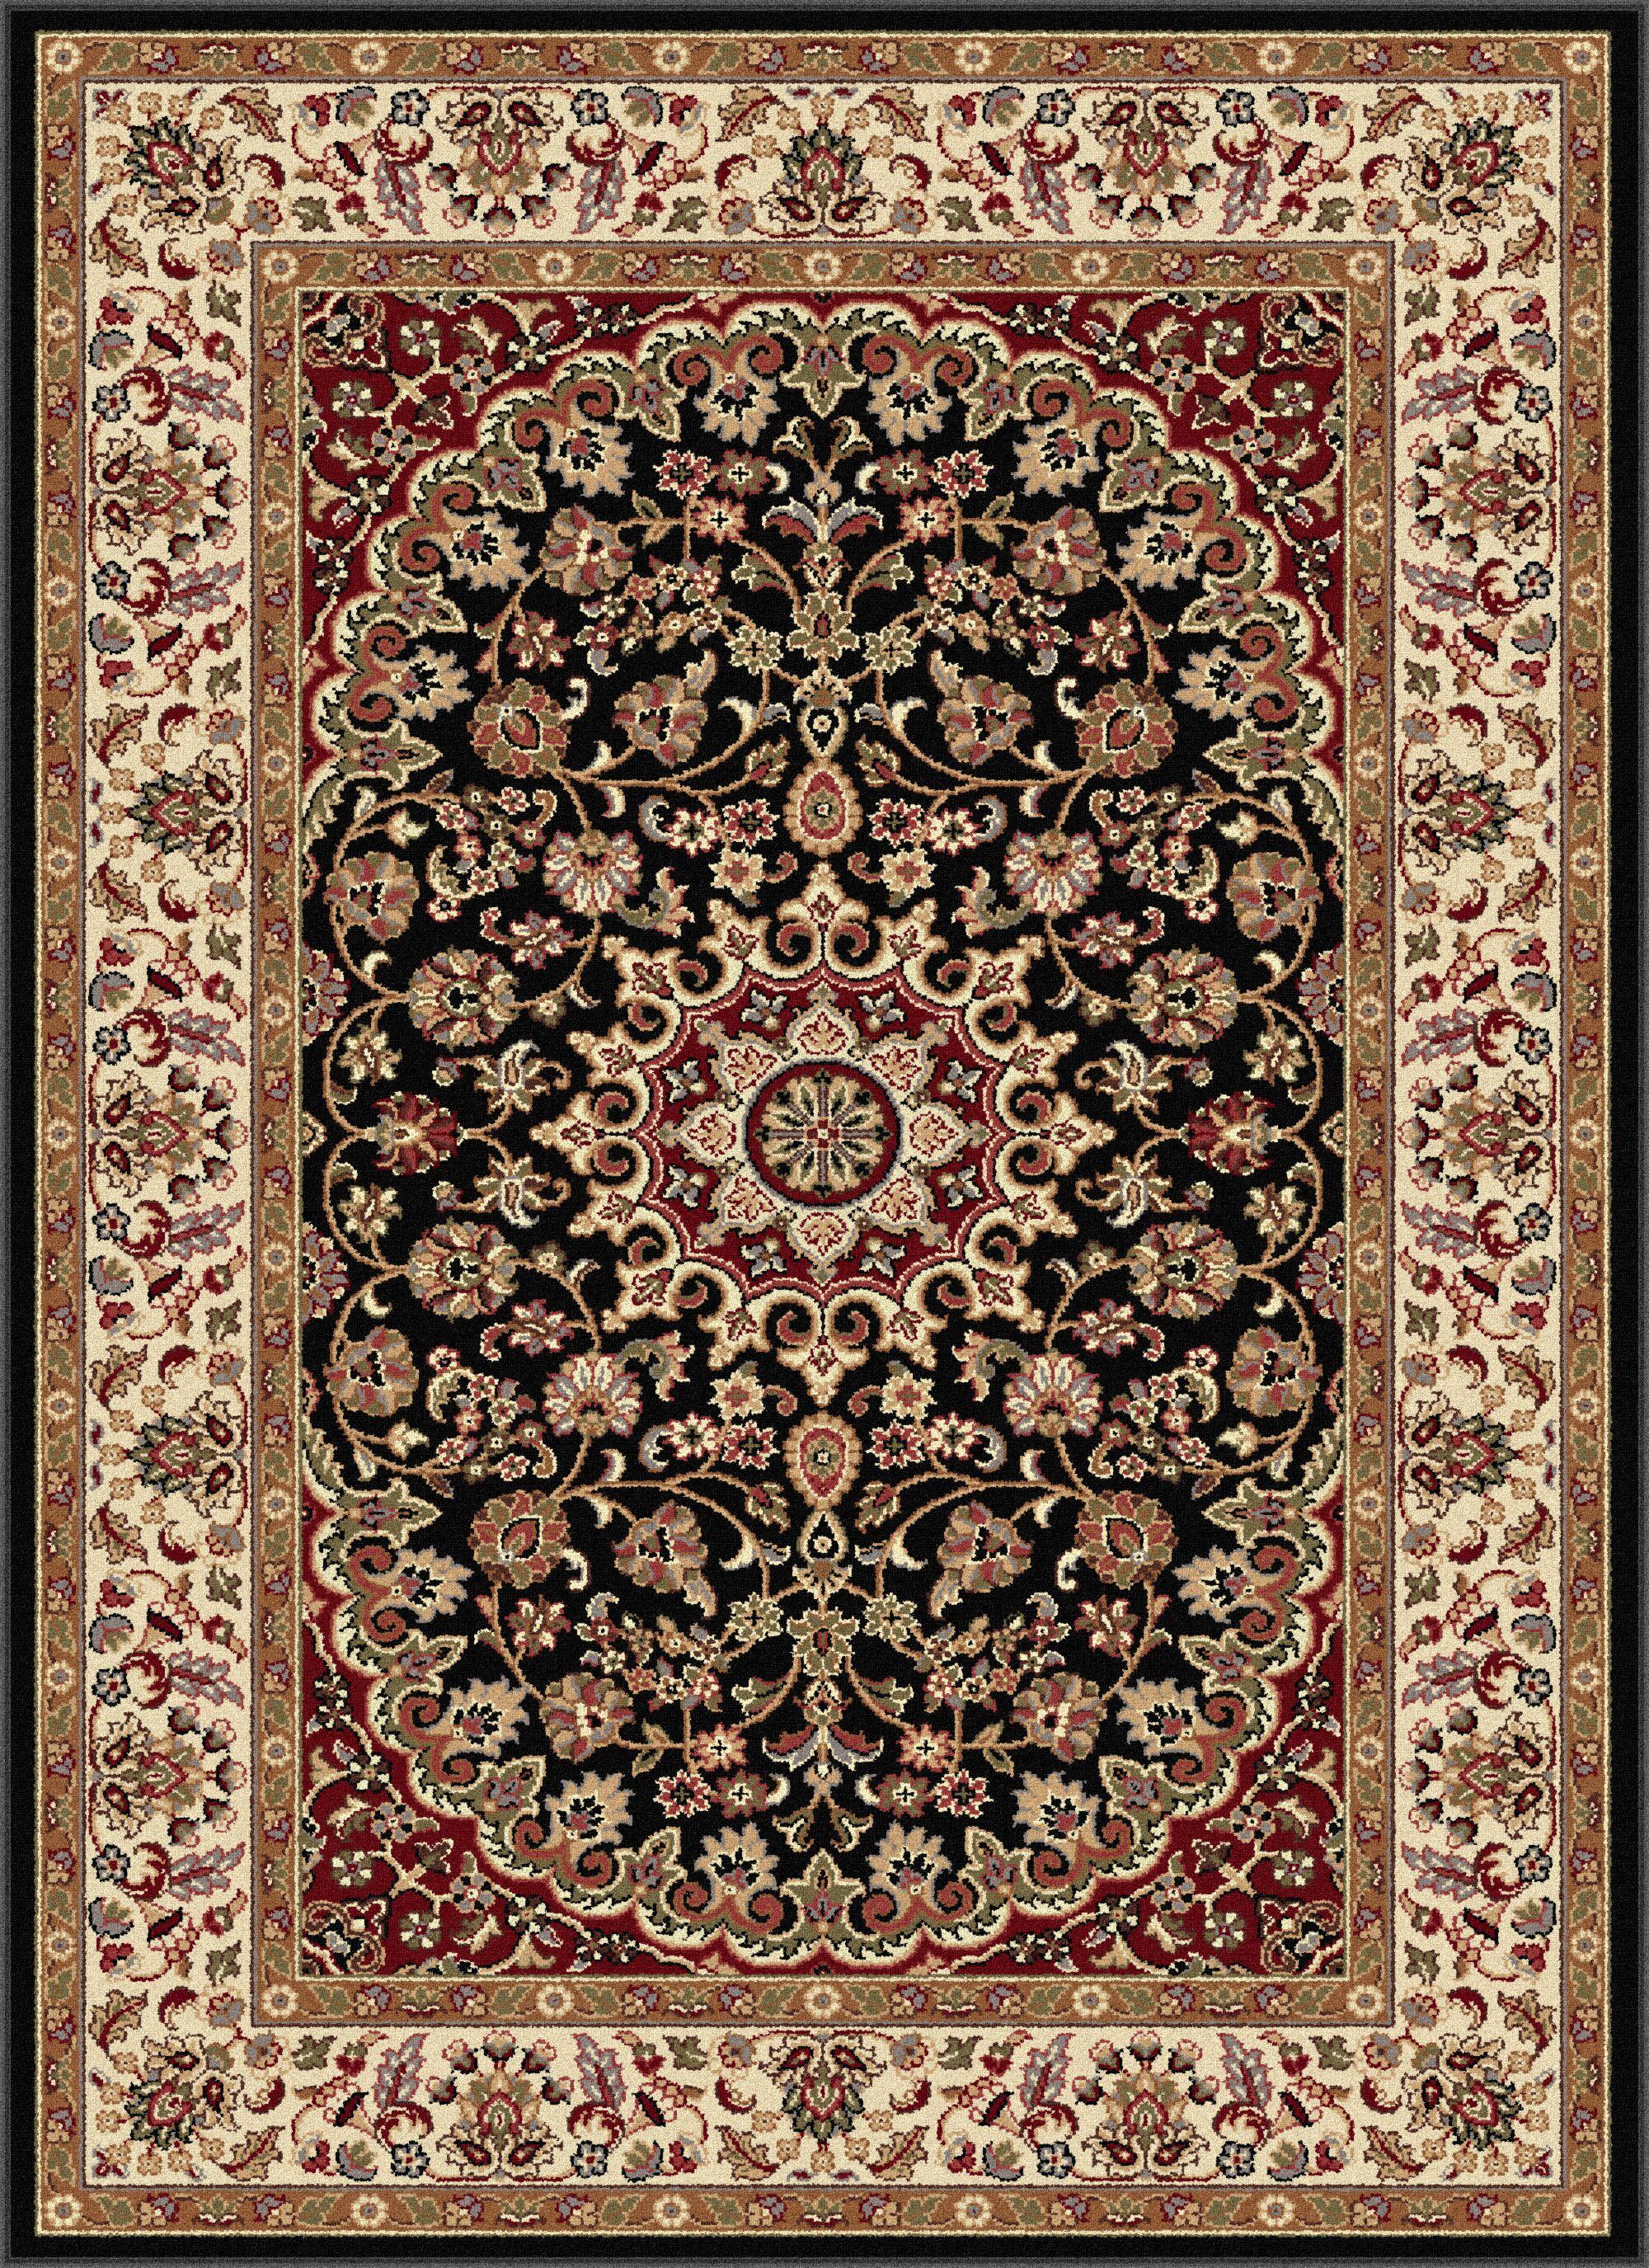 Langlee Black/Red Area Rug Rug Size: 9'3'' x 12'6''